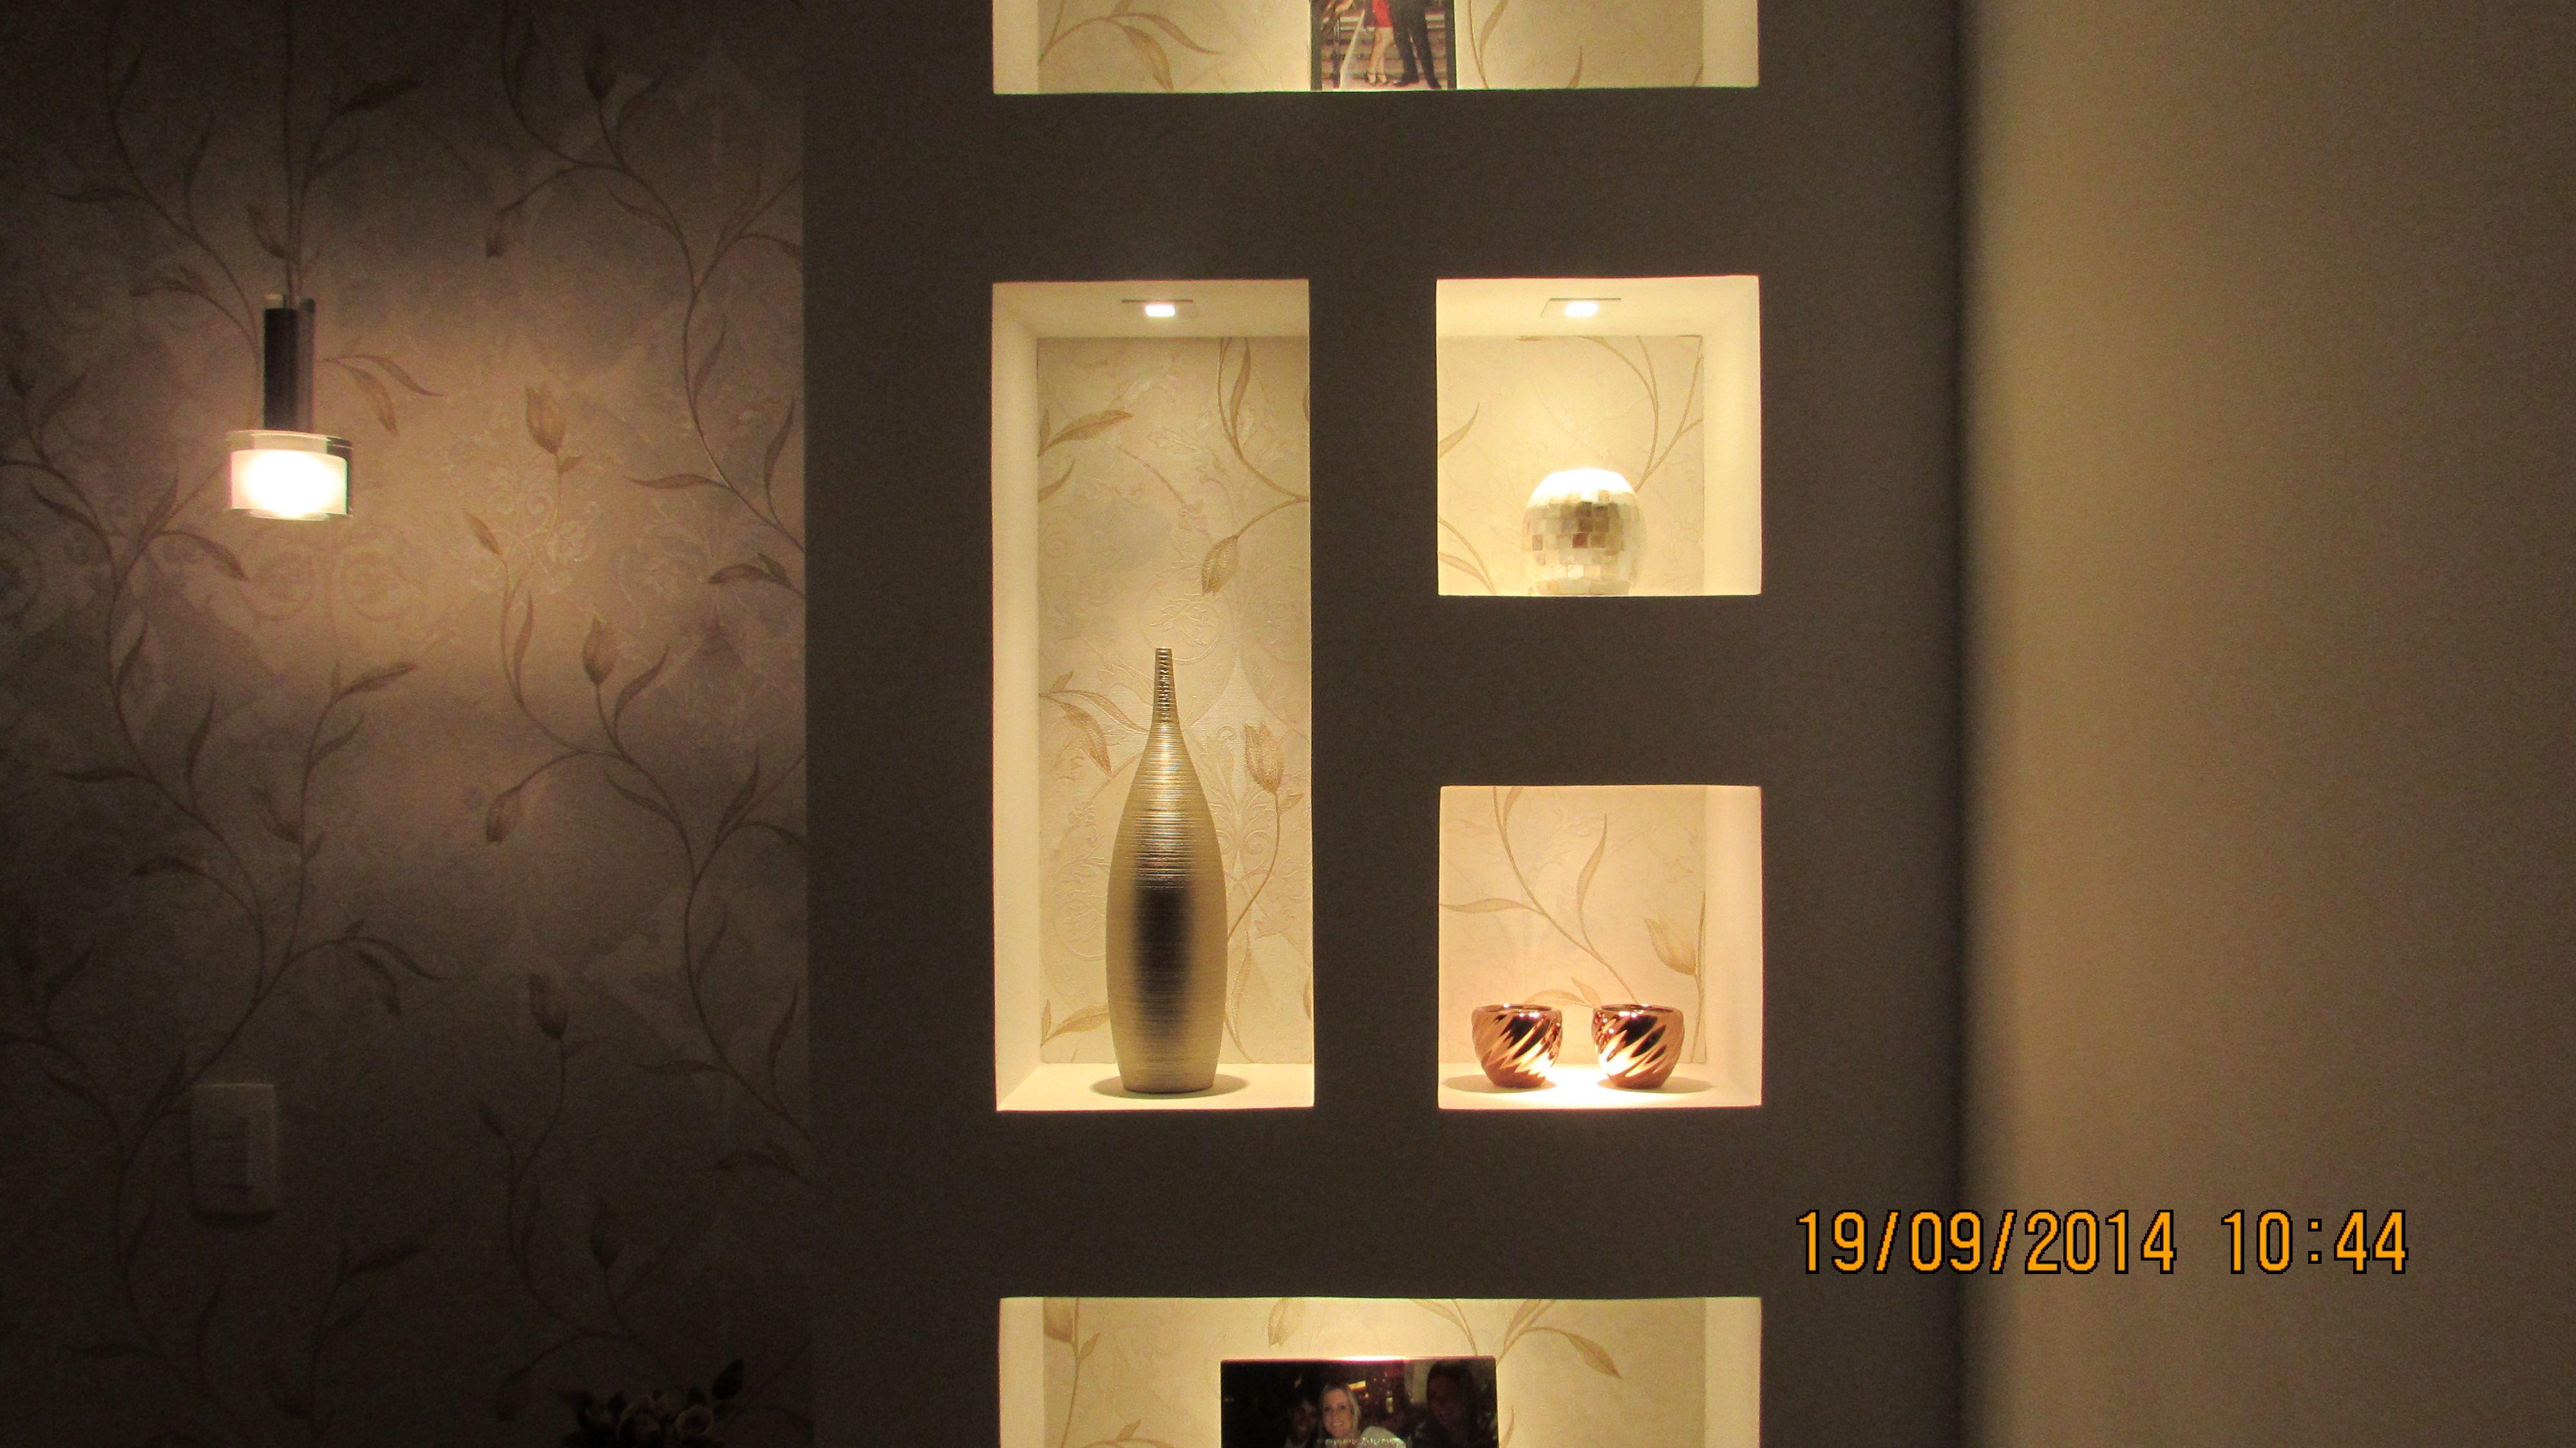 nicho de drywall com fita de led  Google Search  Nichos na sala, cozinha ou -> Nicho Banheiro Led